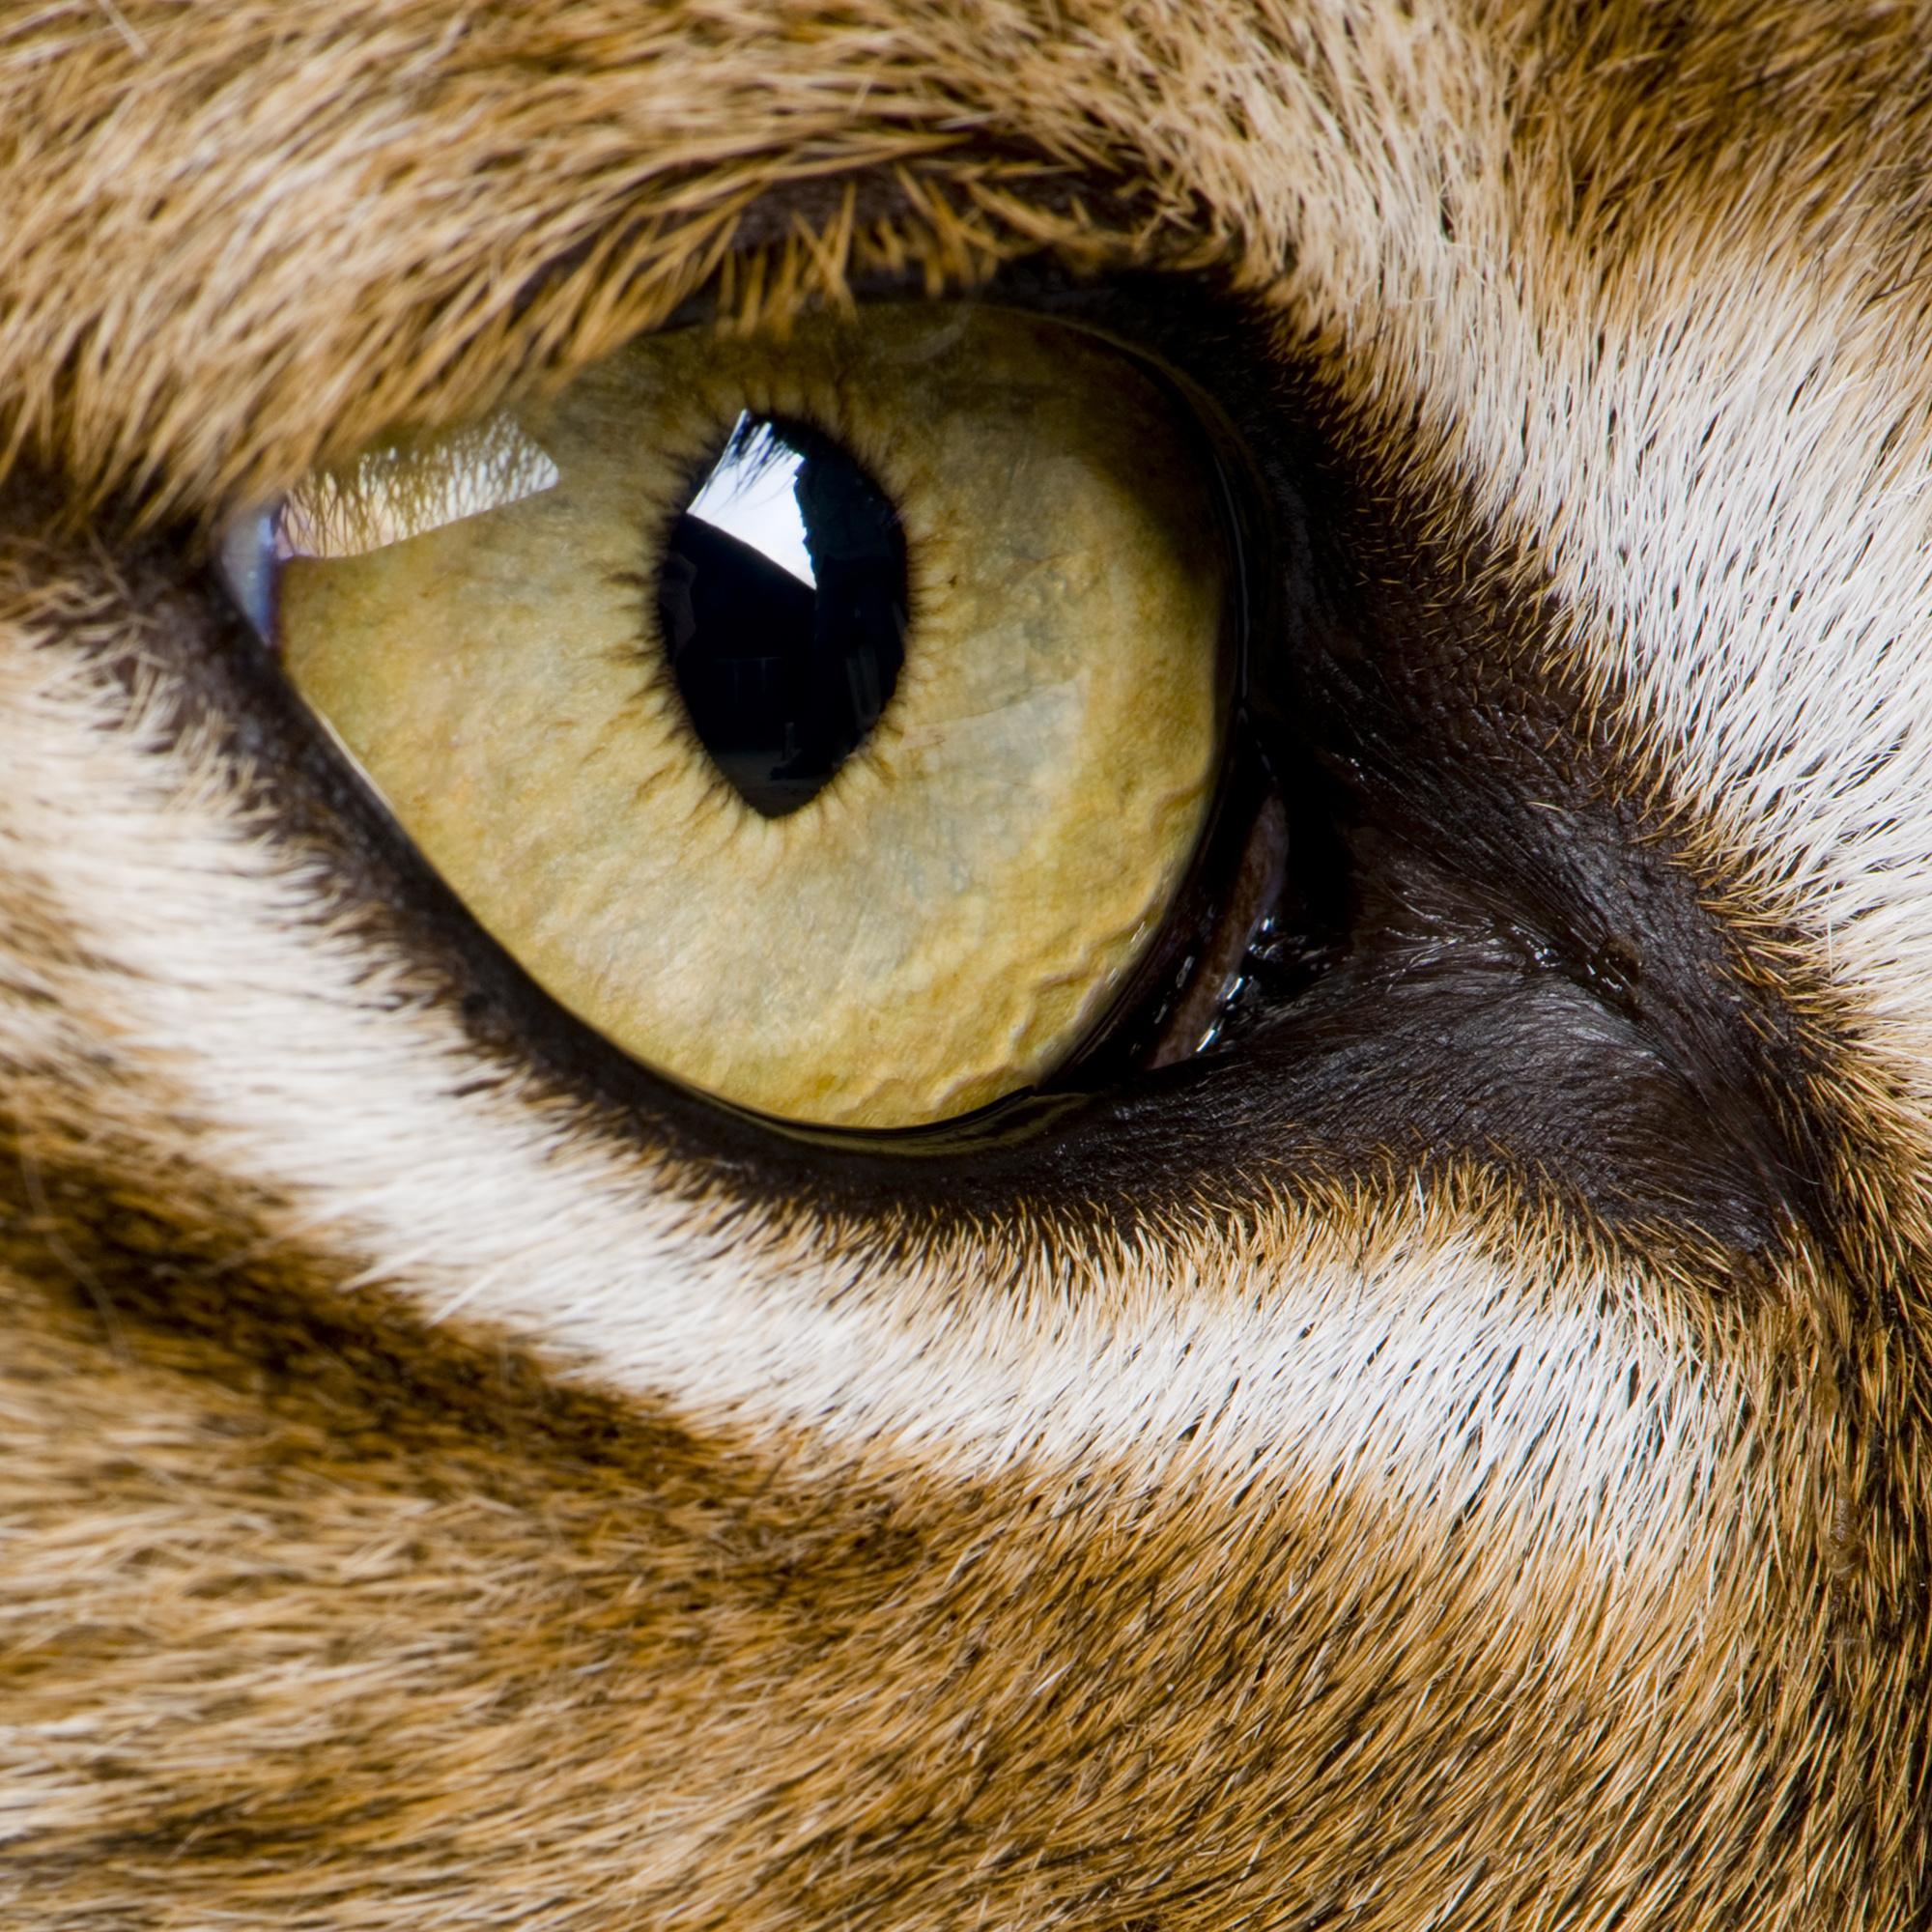 Cheetah eyes close up clipart.